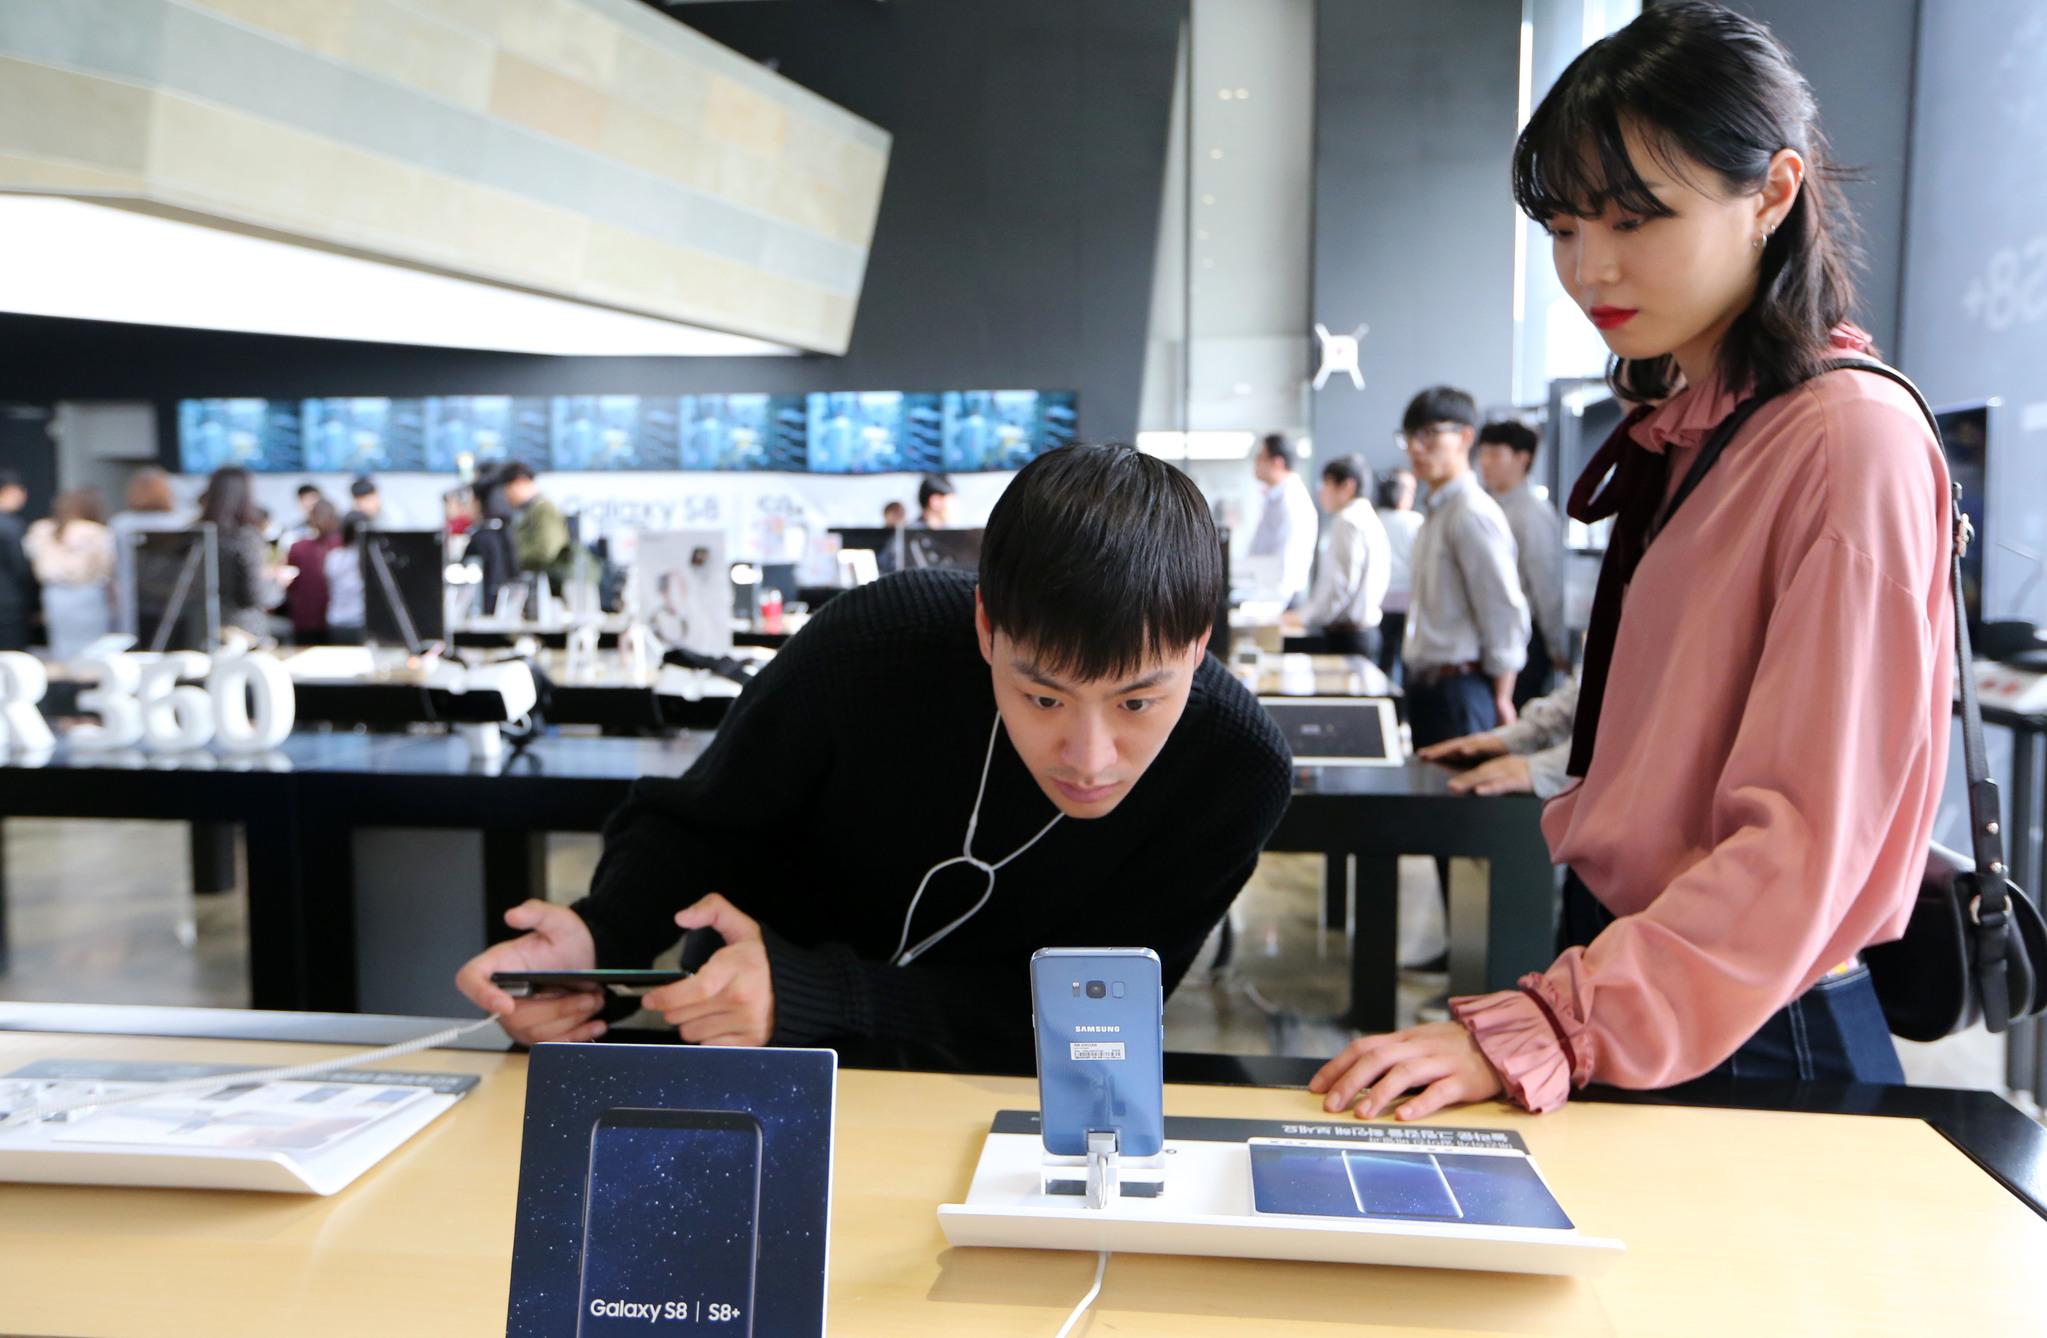 21일 오후 서울 종로구 광화문 Kt 스퀘어에서 고객들이 이날부터 국내에 공식 출시된 '갤럭시S8'을 살펴보고 있다.조문규 기자